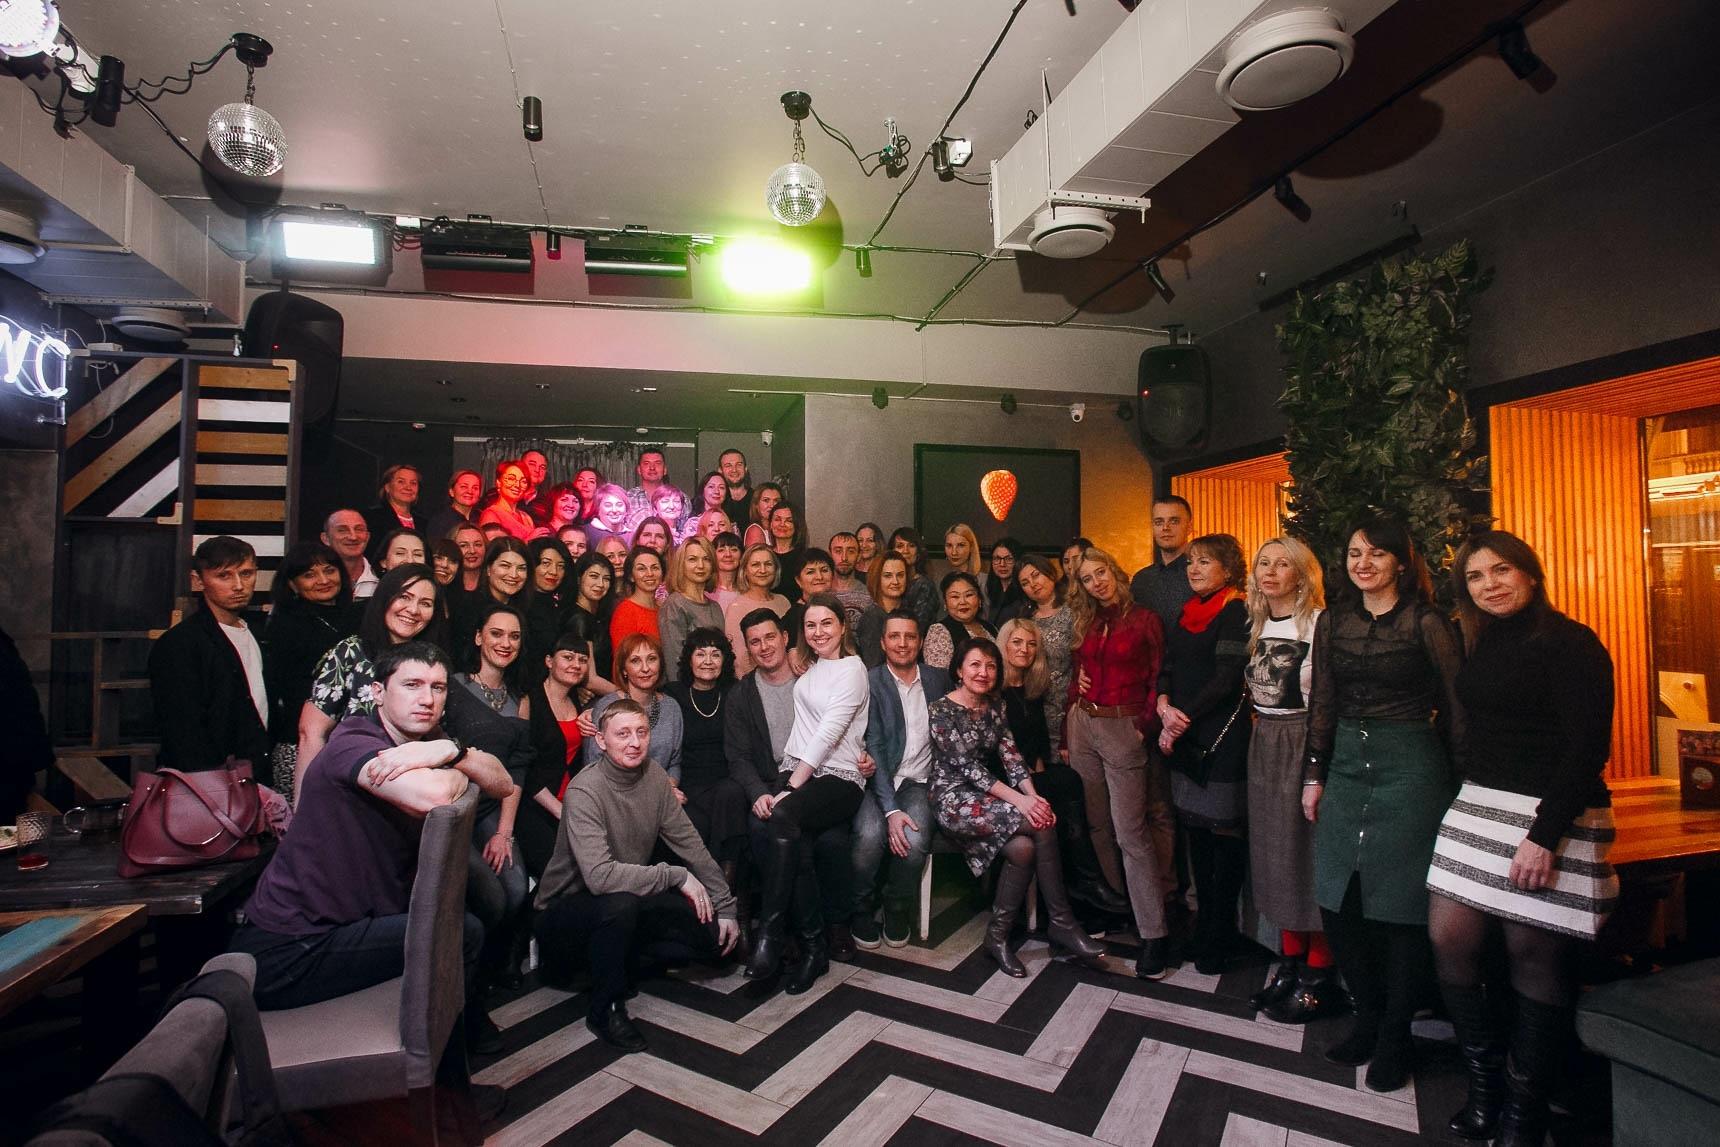 Встреча в ресторане «Бистрономика» фотография участников